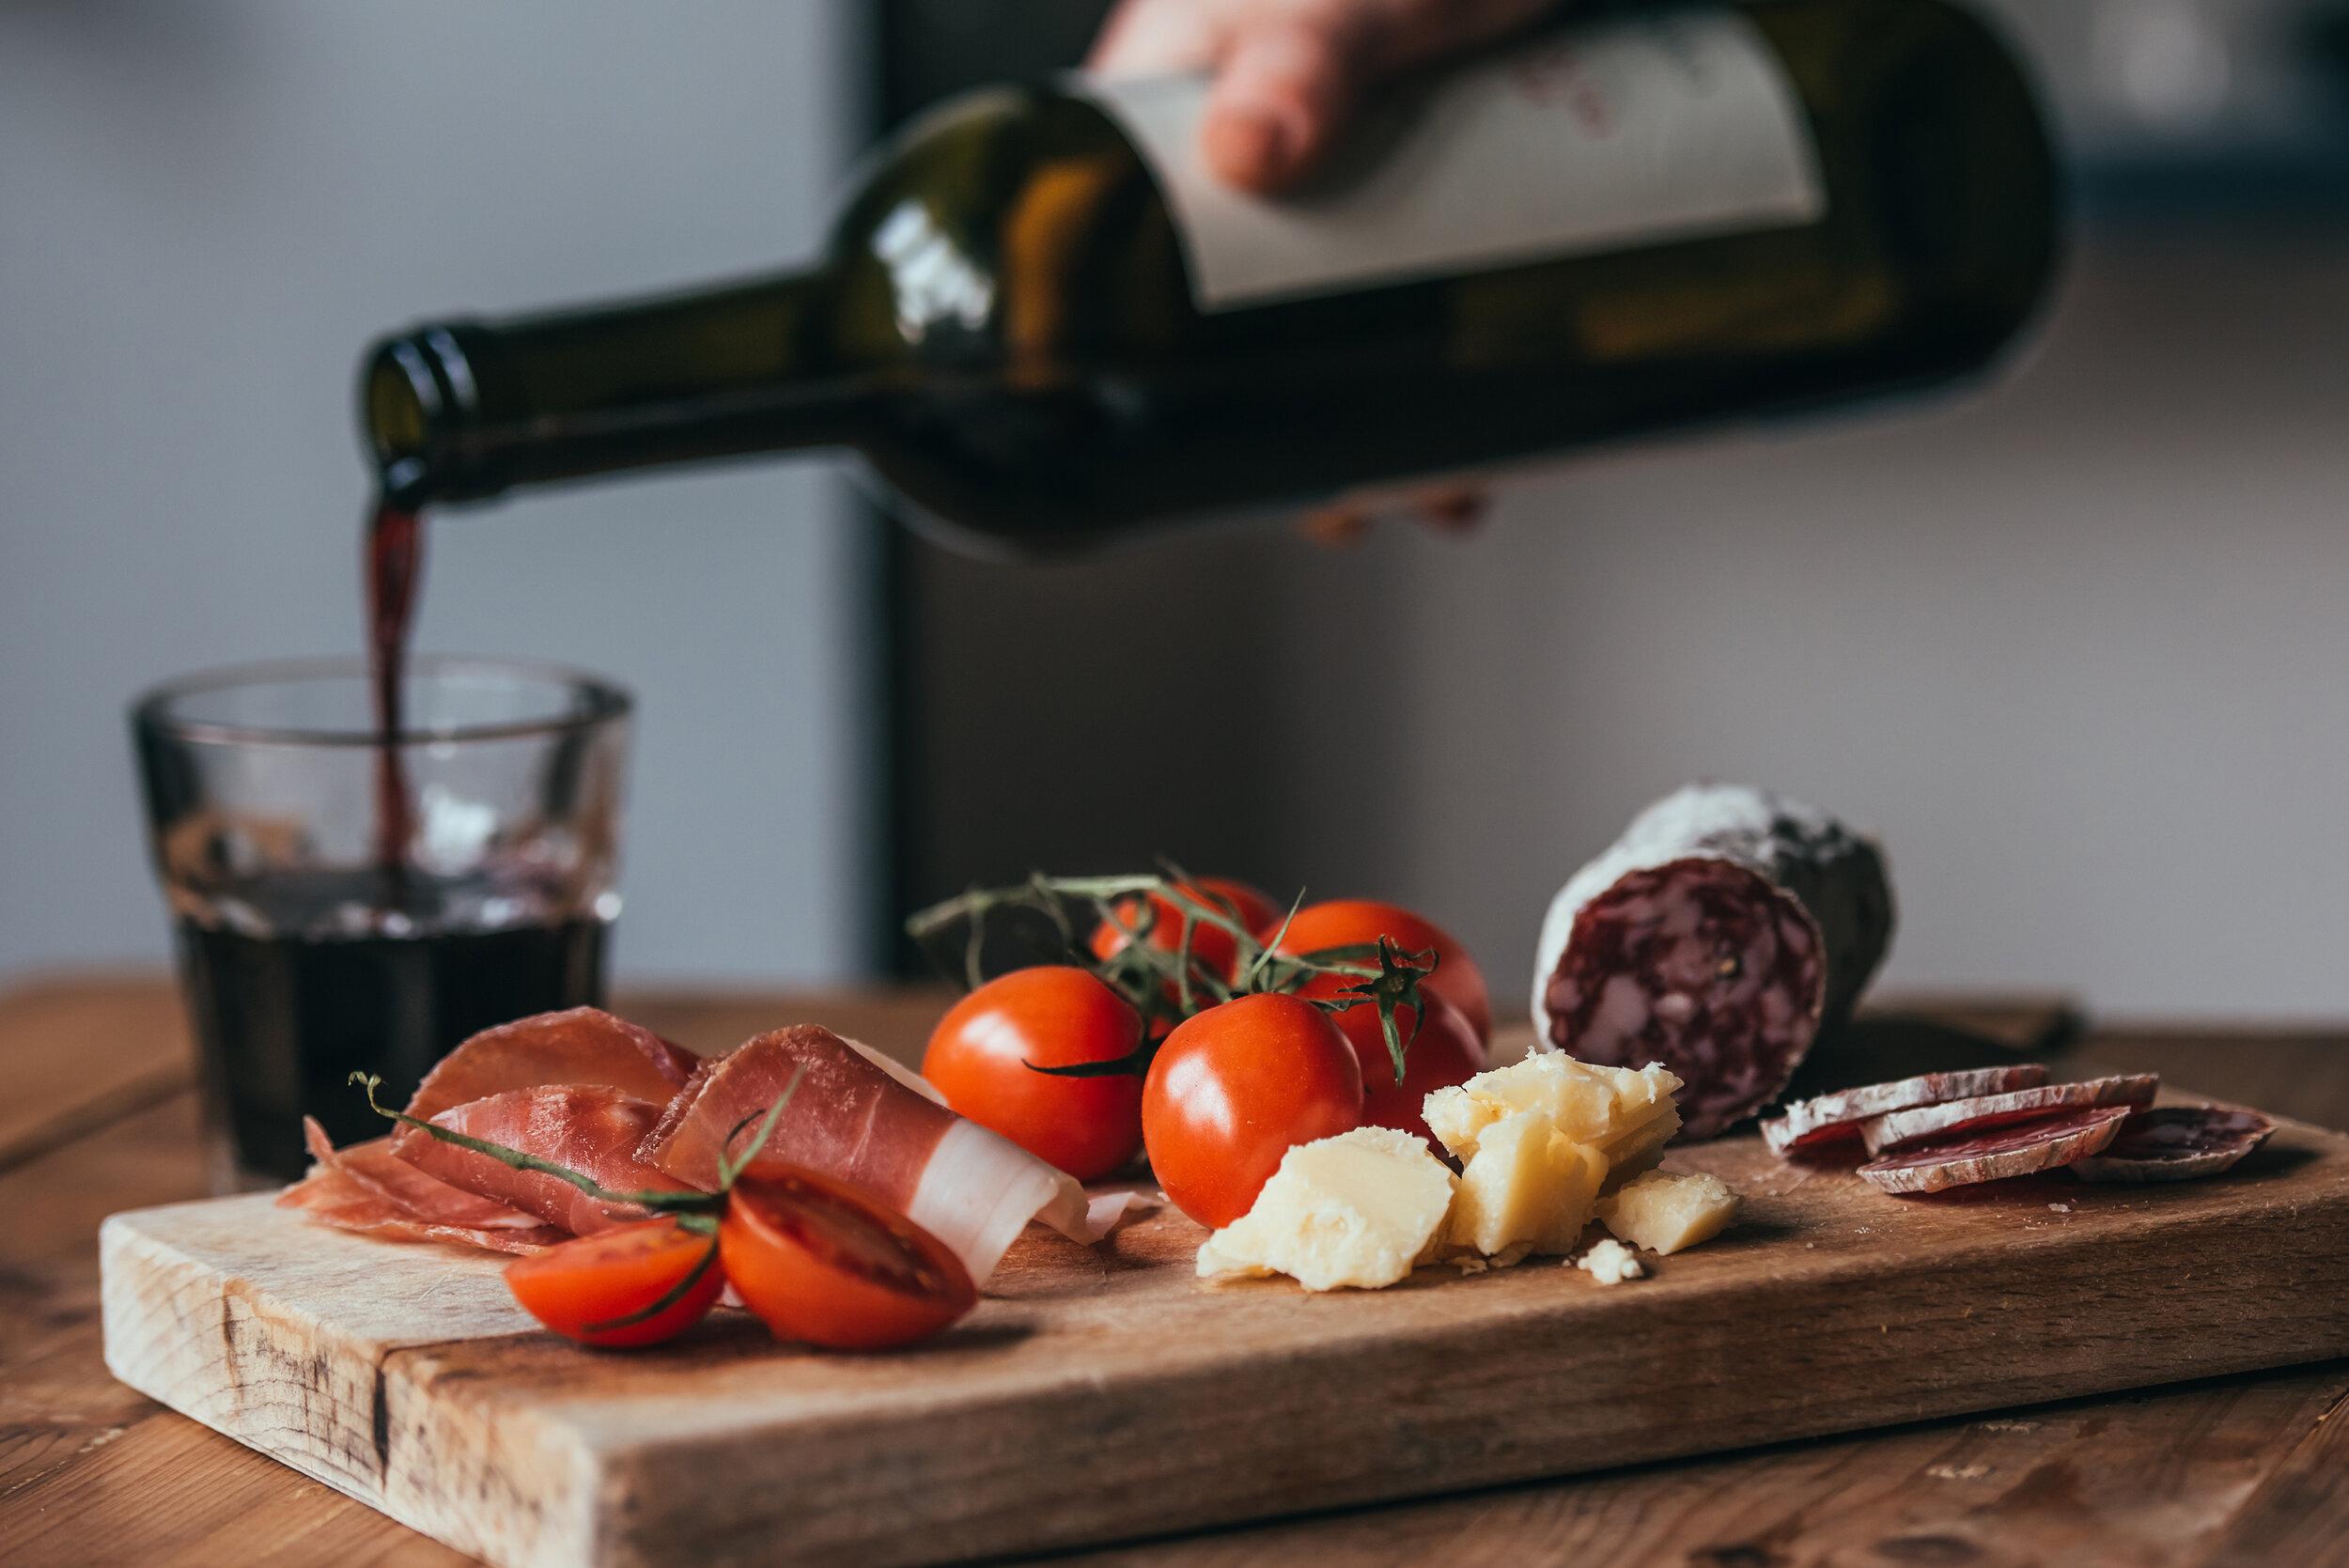 tapas wine - Yulia Grigoryeva via Shutterstock.jpg